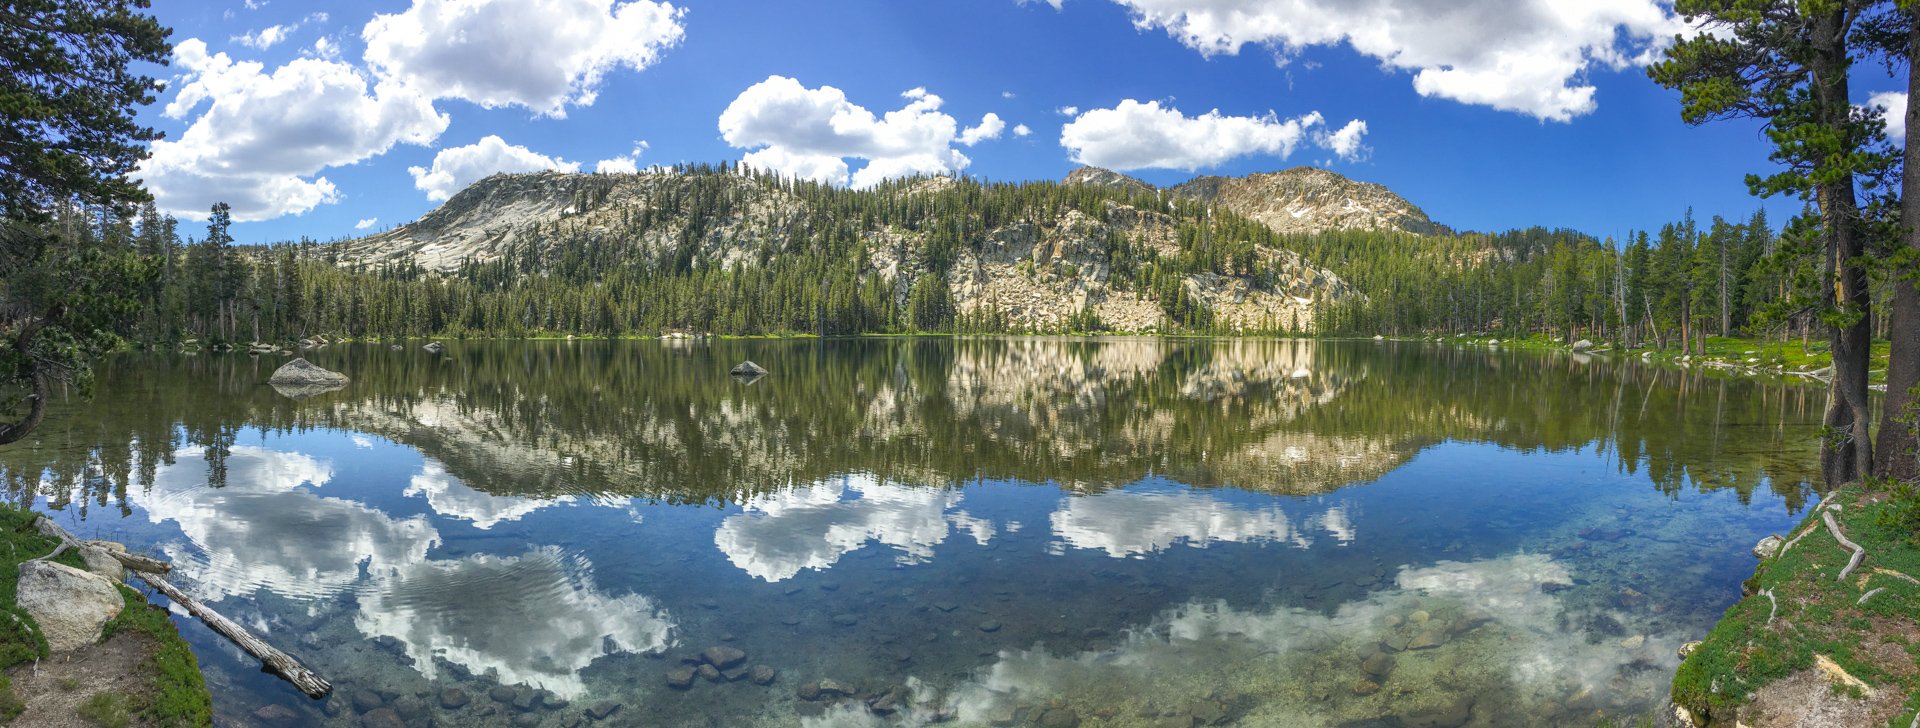 South Lake on Dinkey Lakes Trail